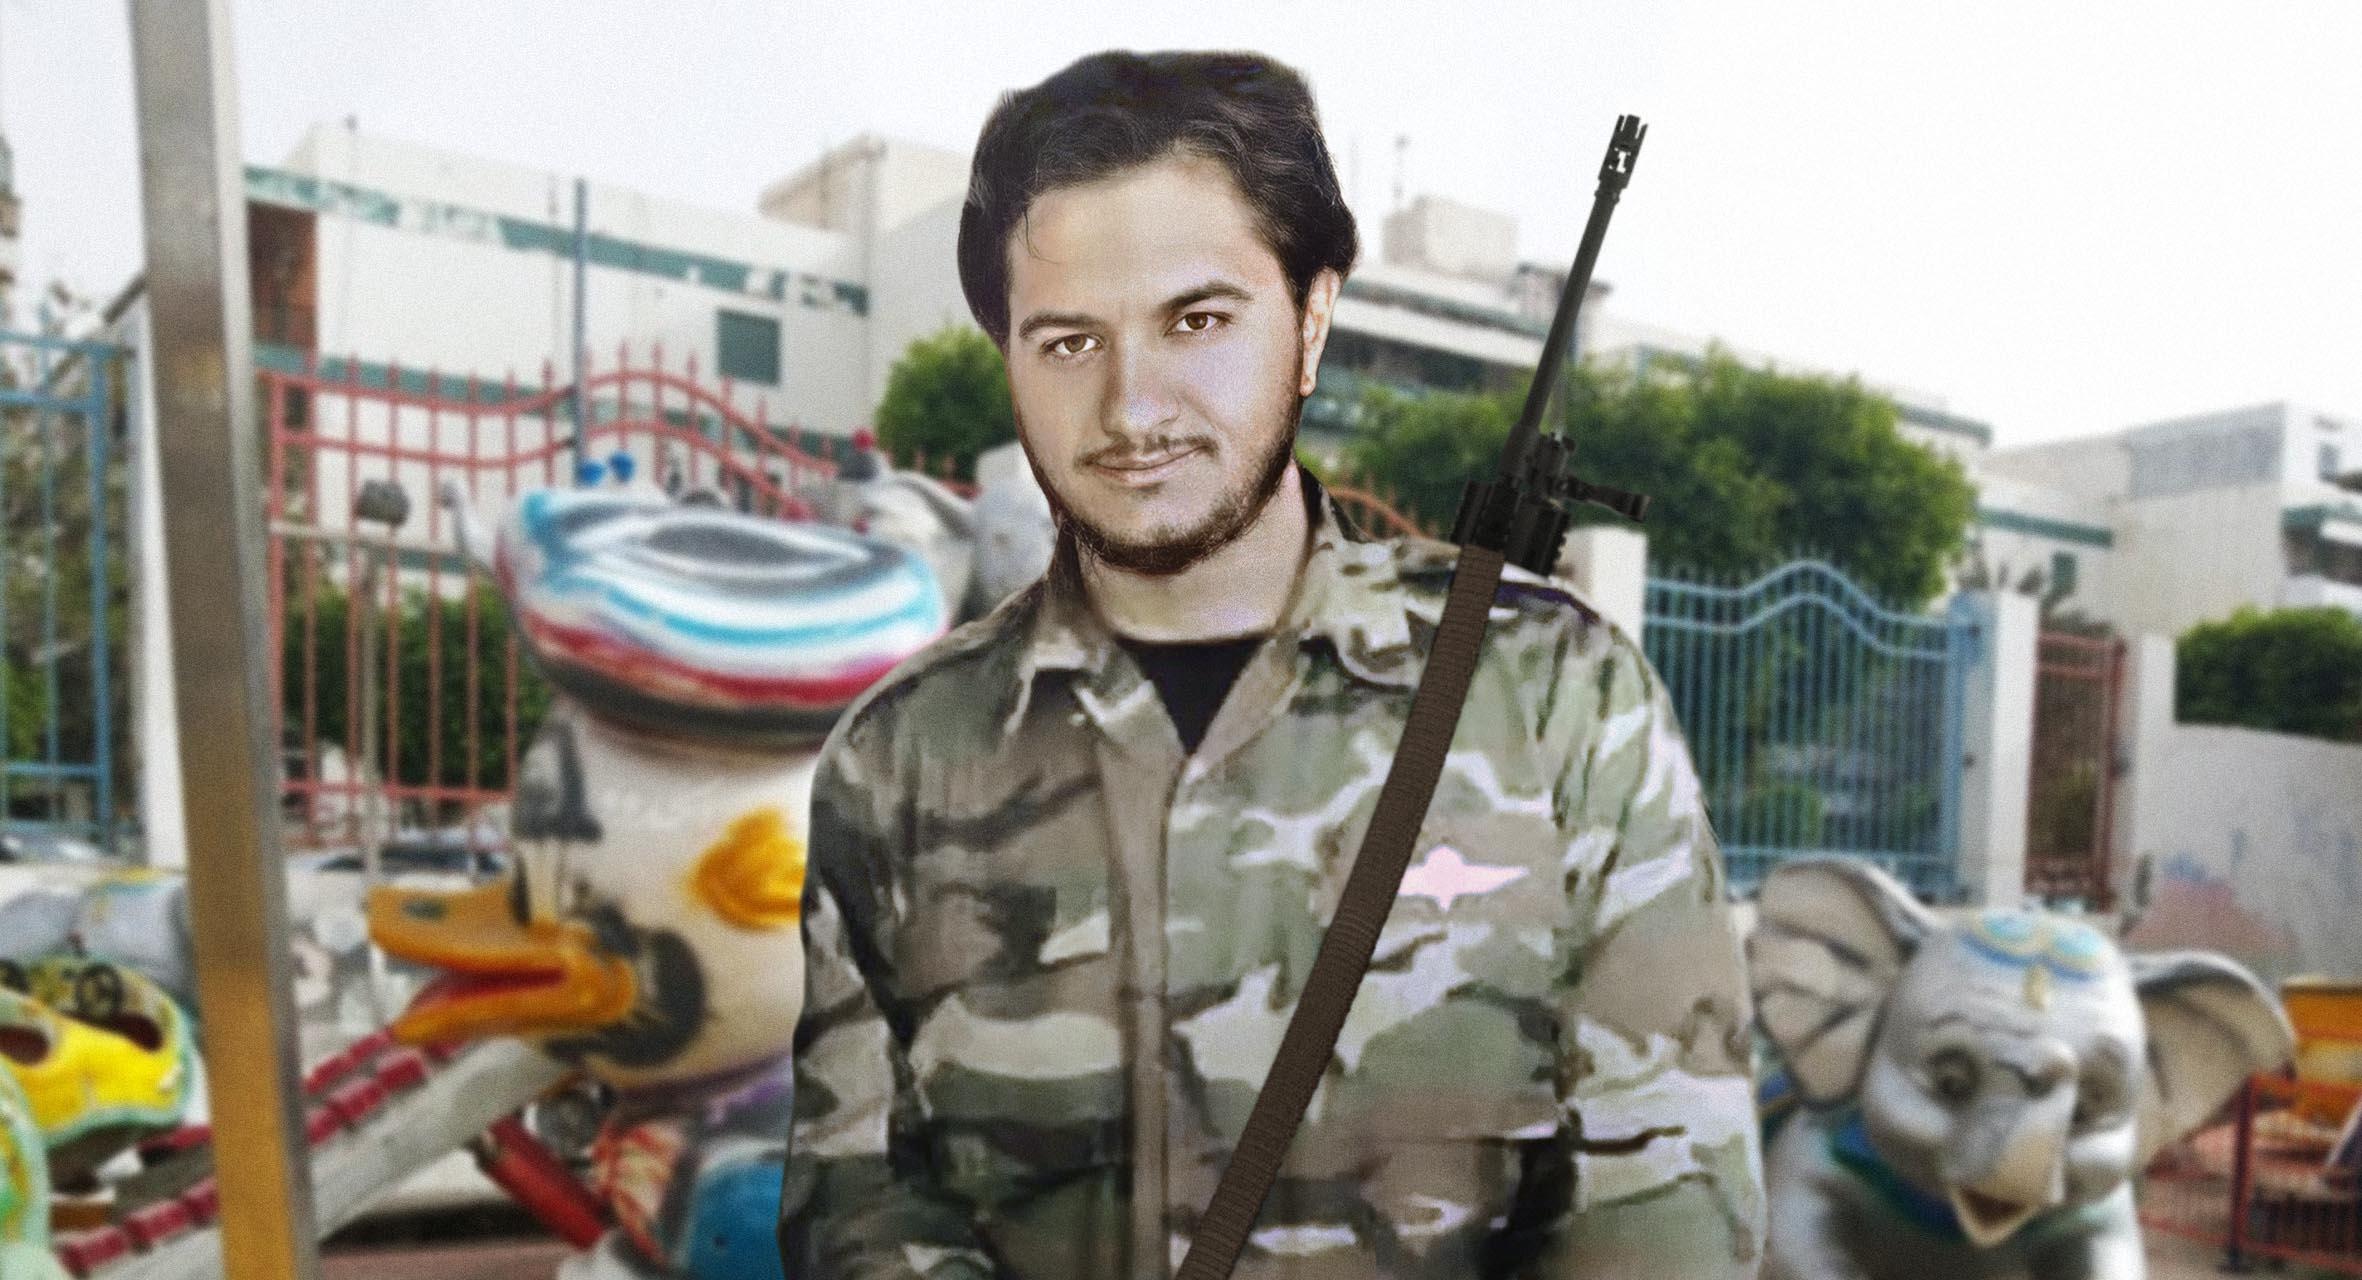 صورة طفل حفتر يثبت لحنان البرعصي والليبيين أنه ناضج بما يكفي ليحكمهم ويعدمهم أيضاً